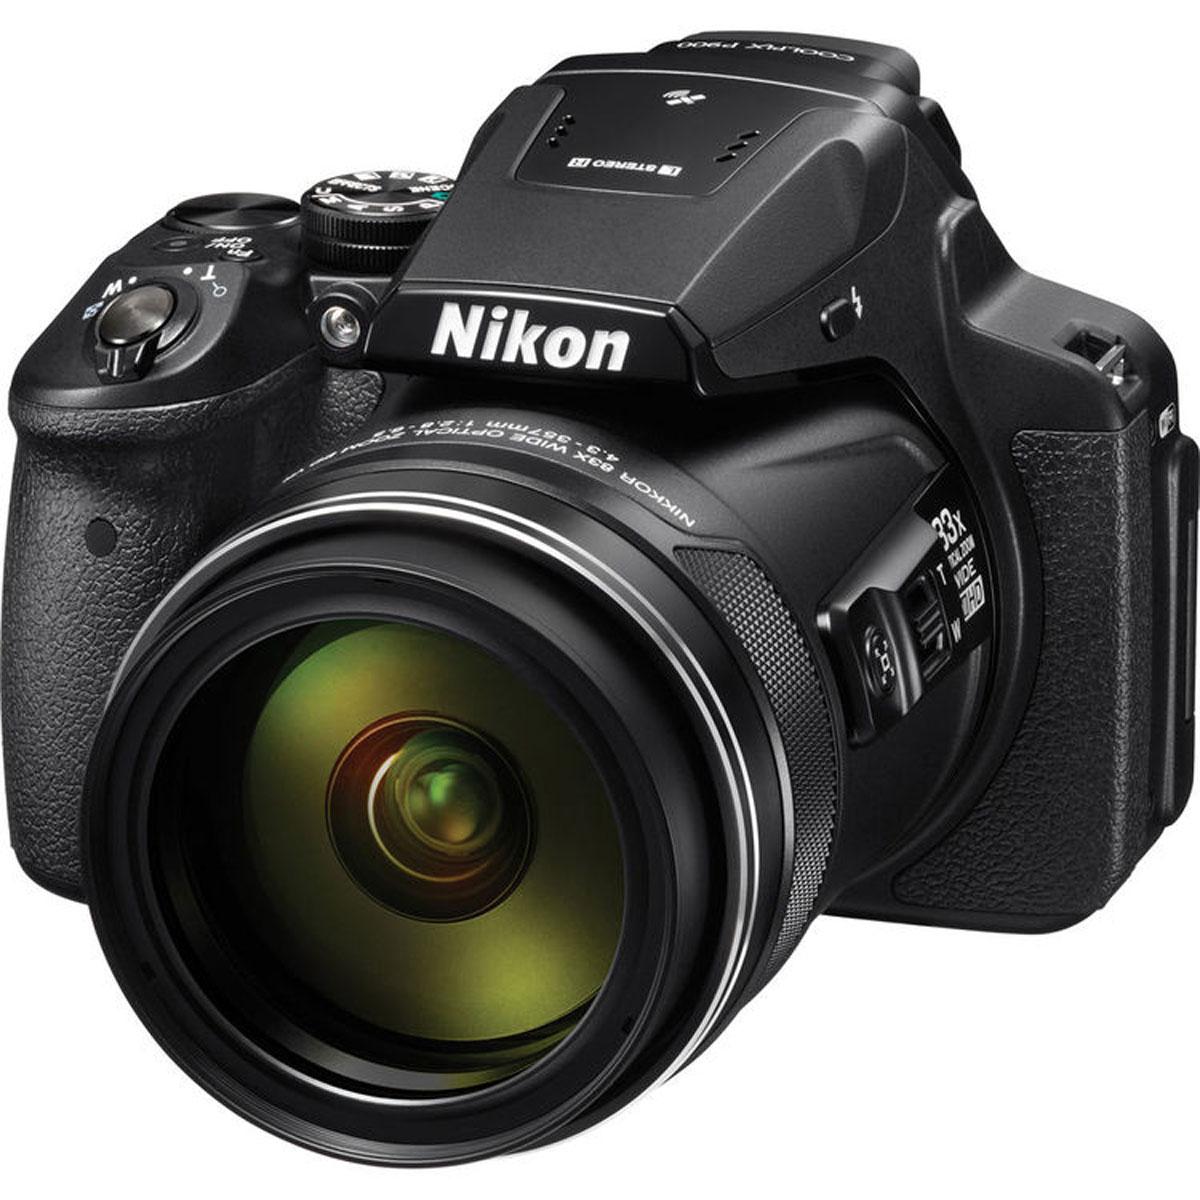 Nikon Coolpix P900, Black цифровая фотокамераVNA750E1Фотографы, увлекающиеся съемкой дикой природы и ночного неба, высоко оценят новую 16-мегапиксельную фотокамеру COOLPIX P900 со сверхмощным 83-кратным оптическим зумом, которая позволяет запечатлеть детали, невидимые человеческому глазу. Мгновенно начинайте съемку, используя ускоренную автофокусировку и сокращенную задержку перед спуском затвора. А также снимайте с выдержкой на 5,0 ступени длиннее, чем обычно, благодаря системе оптического подавления вибраций Dual Detect Optical VR, которая эффективно устраняет смазывание.Экран с переменным углом наклона и встроенный электронный видоискатель предоставляют широкие возможности для компоновки кадра при записи видеороликов Full HD, а также при телефотосъемке с максимальной детализацией. Встроенные модули GPS, ГЛОНАСС и QZSS обеспечивают получение точных данных о месте съемки. А благодаря встроенной функции Wi-Fi и поддержке технологии NFC можно сразу же поделиться полученными изображениями.Сверхмощный зум:Объектив NIKKOR оснащен 83-кратным оптическим зумом, расширяемым до 166-кратного с помощью функции Dynamic Fine Zoom, и отличается широким охватом фокусных расстояний — от 24 мм в широкоугольном положении до 2000 мм в положении телефото (эквивалент формата 35 мм). Это позволяет фотографу запечатлеть потрясающие детали, невидимые человеческому глазу.Система оптического подавления вибраций Dual Detect Optical VR, позволяющая увеличить время выдержки на 5,0 ступени:Система подавления вибраций (VR) улавливает каждое движение, одновременно обрабатывая данные от датчика угловой скорости на объективе и сведения о векторе движения от матрицы. Она лучше гасит вибрации и обеспечивает устойчивость при телефотосъемке с рук.КМОП-матрица с обратной подсветкой и разрешением 16 мегапикселей:Резкие детализированные изображения теперь легко получить даже при ночной съемке. Эта чувствительная матрица обеспечивает высокую производительность и способствует получению резких изображений с н